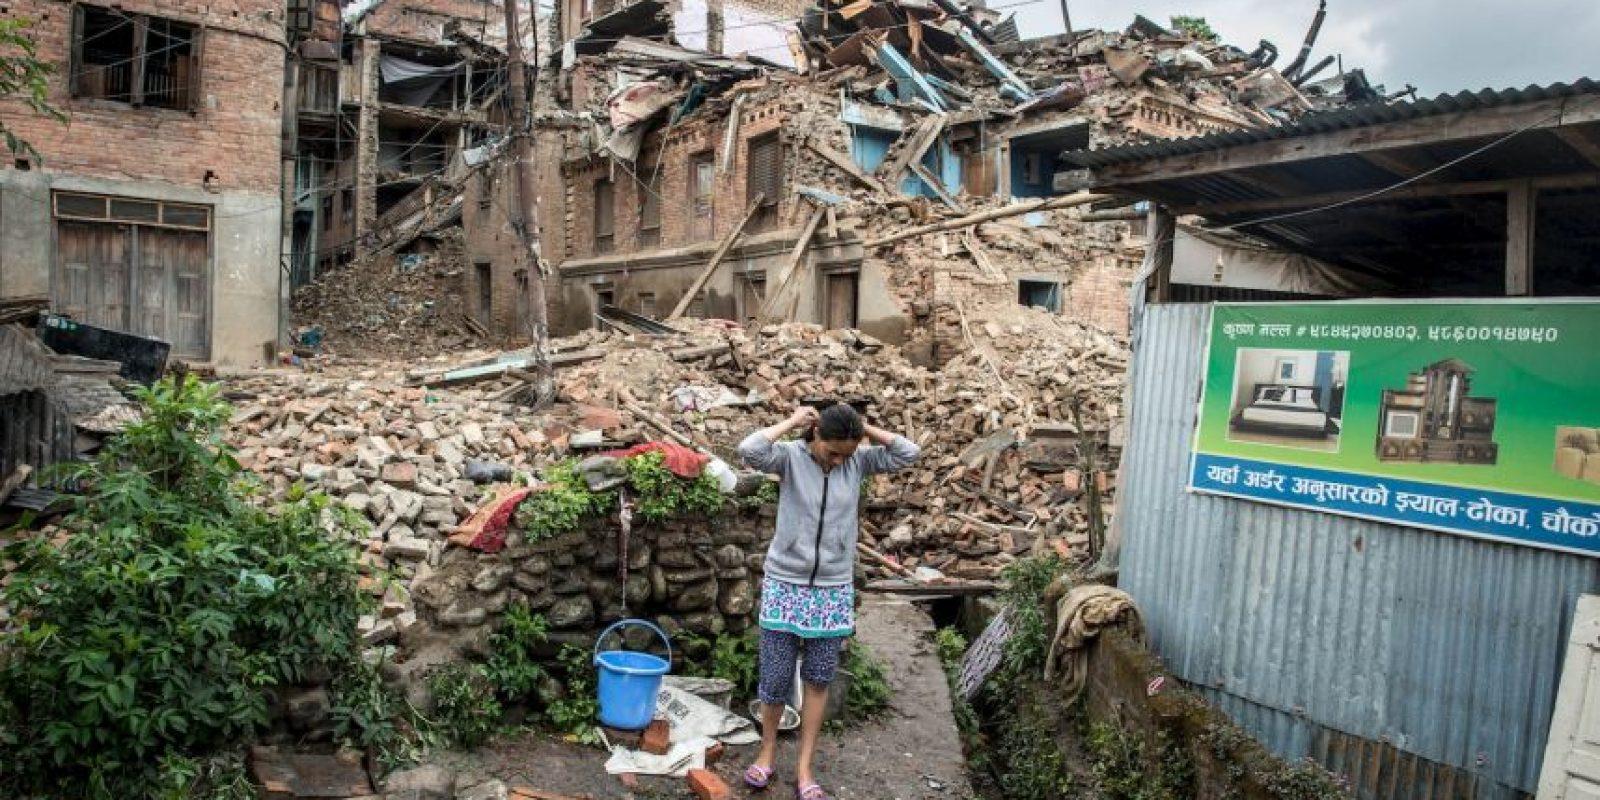 9. Las labores de rescate para las personas bajo los escombros han durado horas. Foto:Getty Images